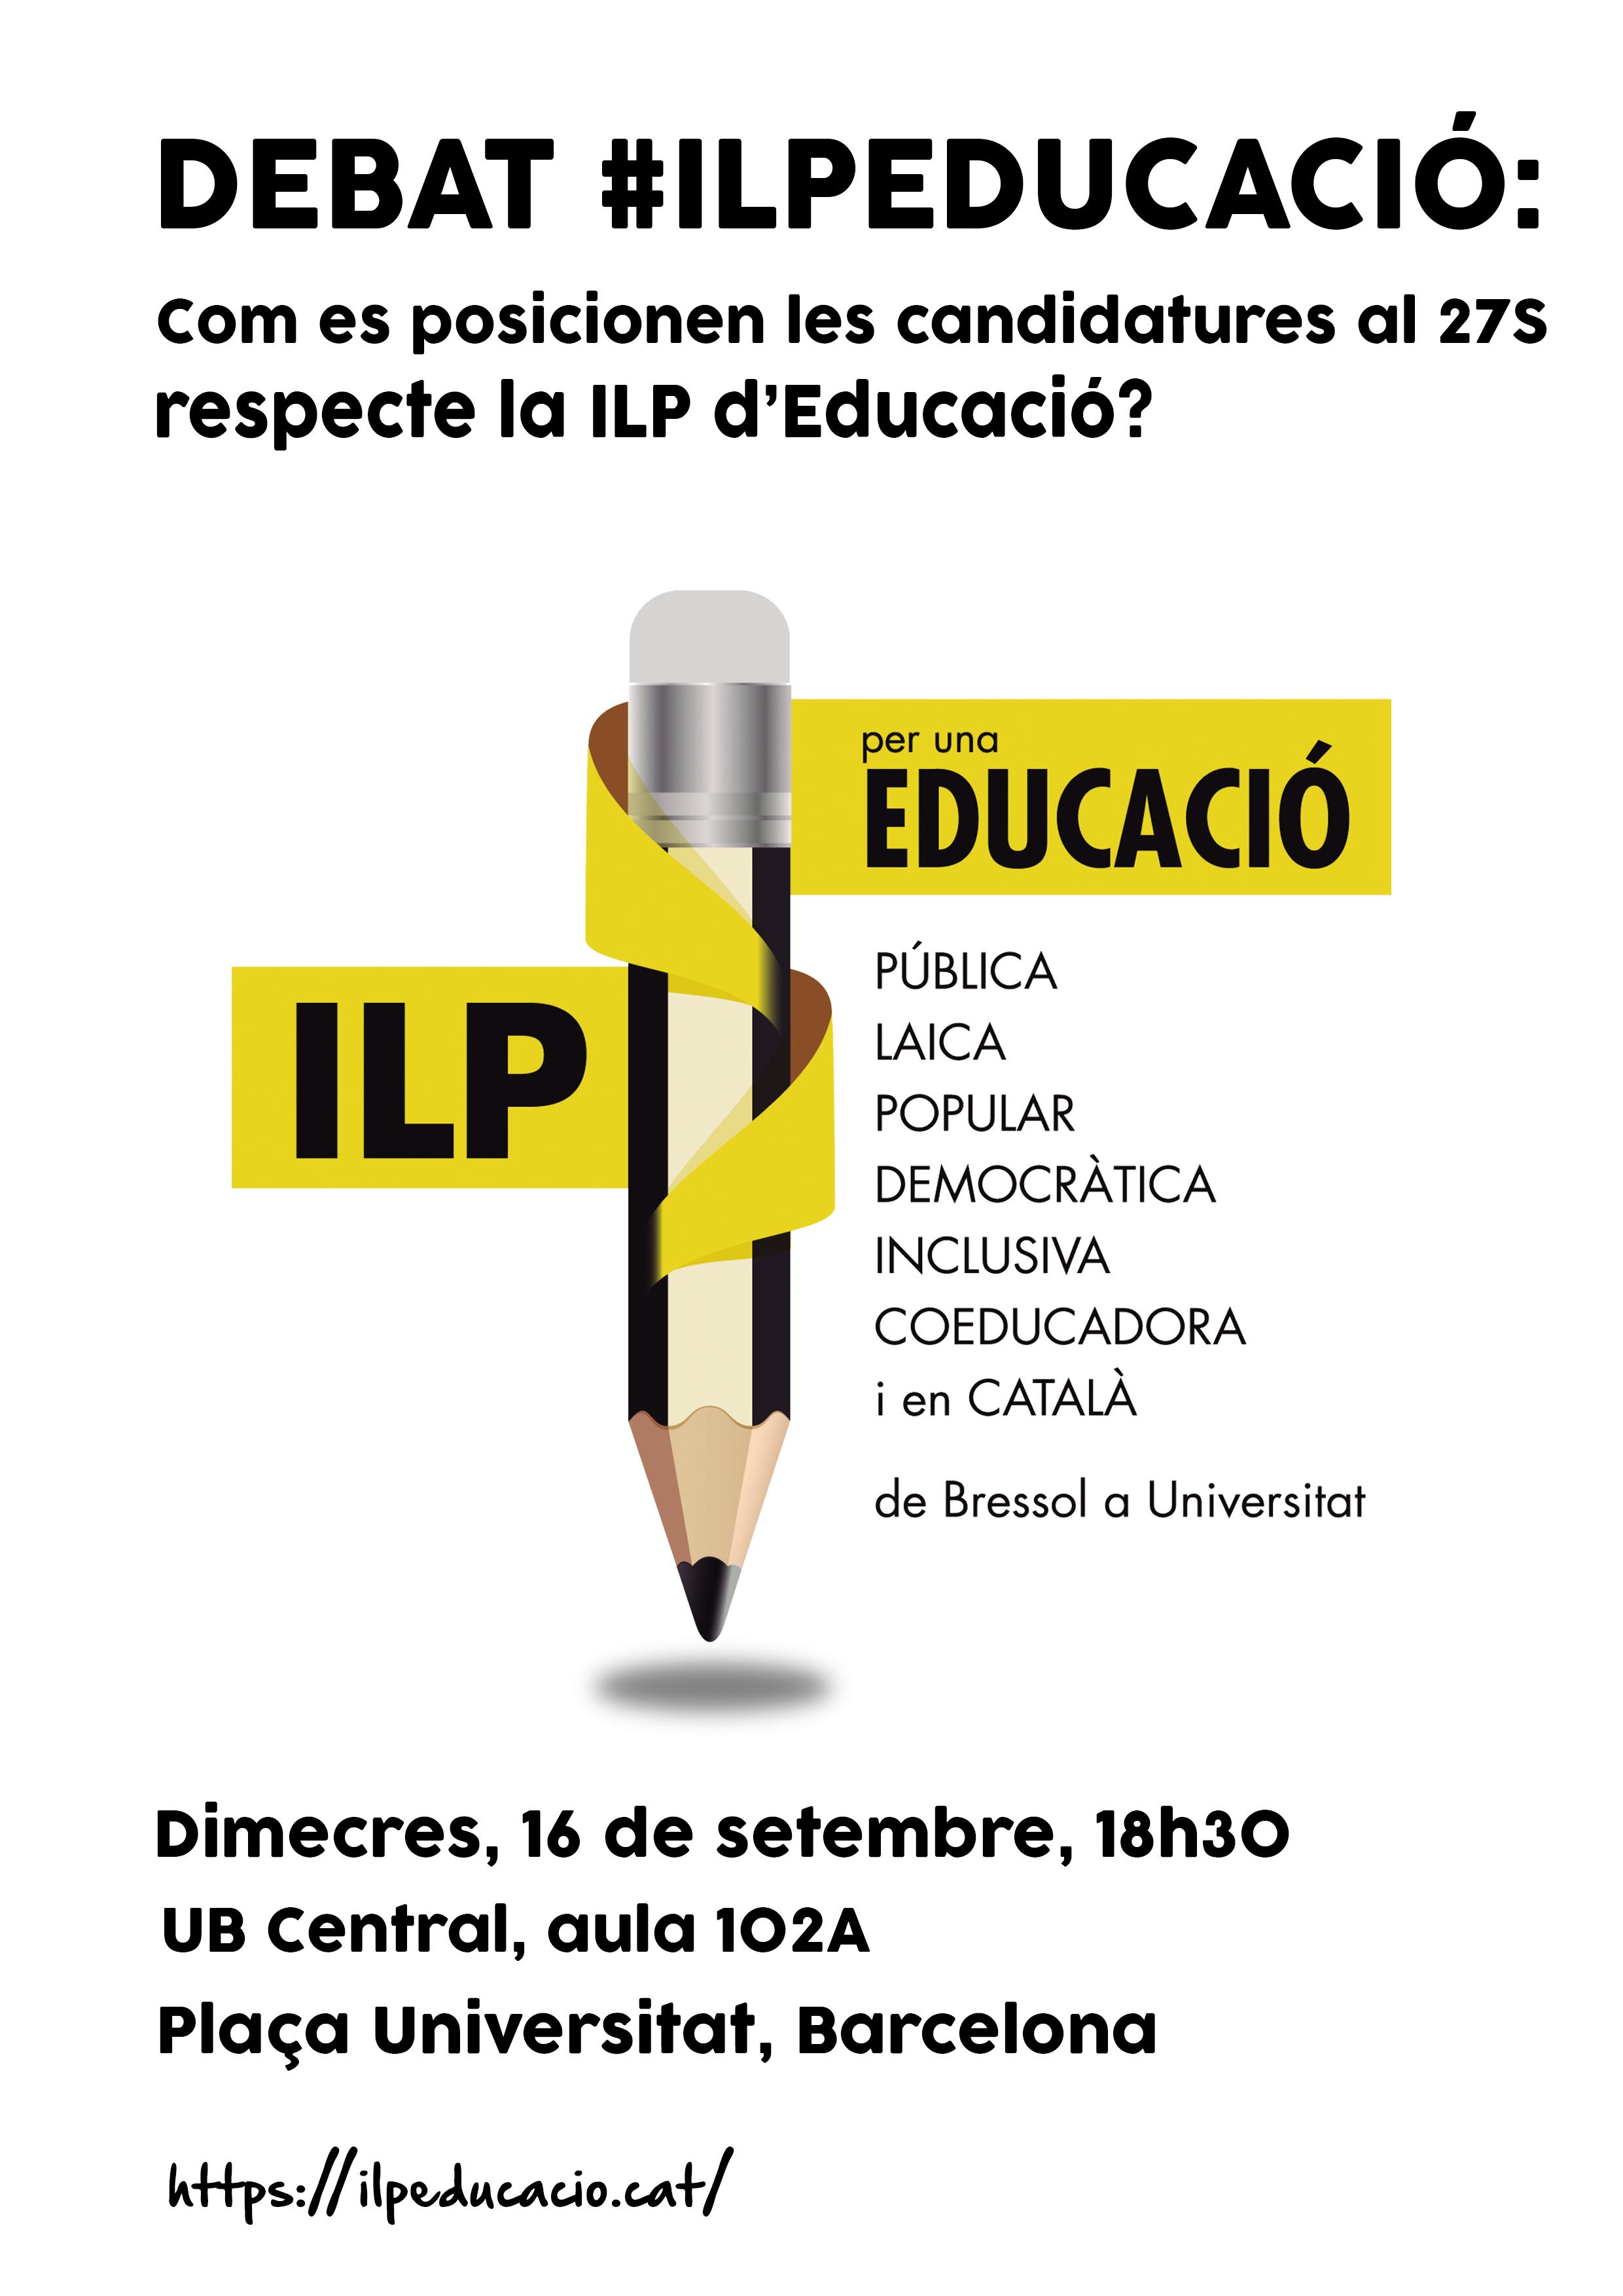 debat ilpeducacio 27S (2)